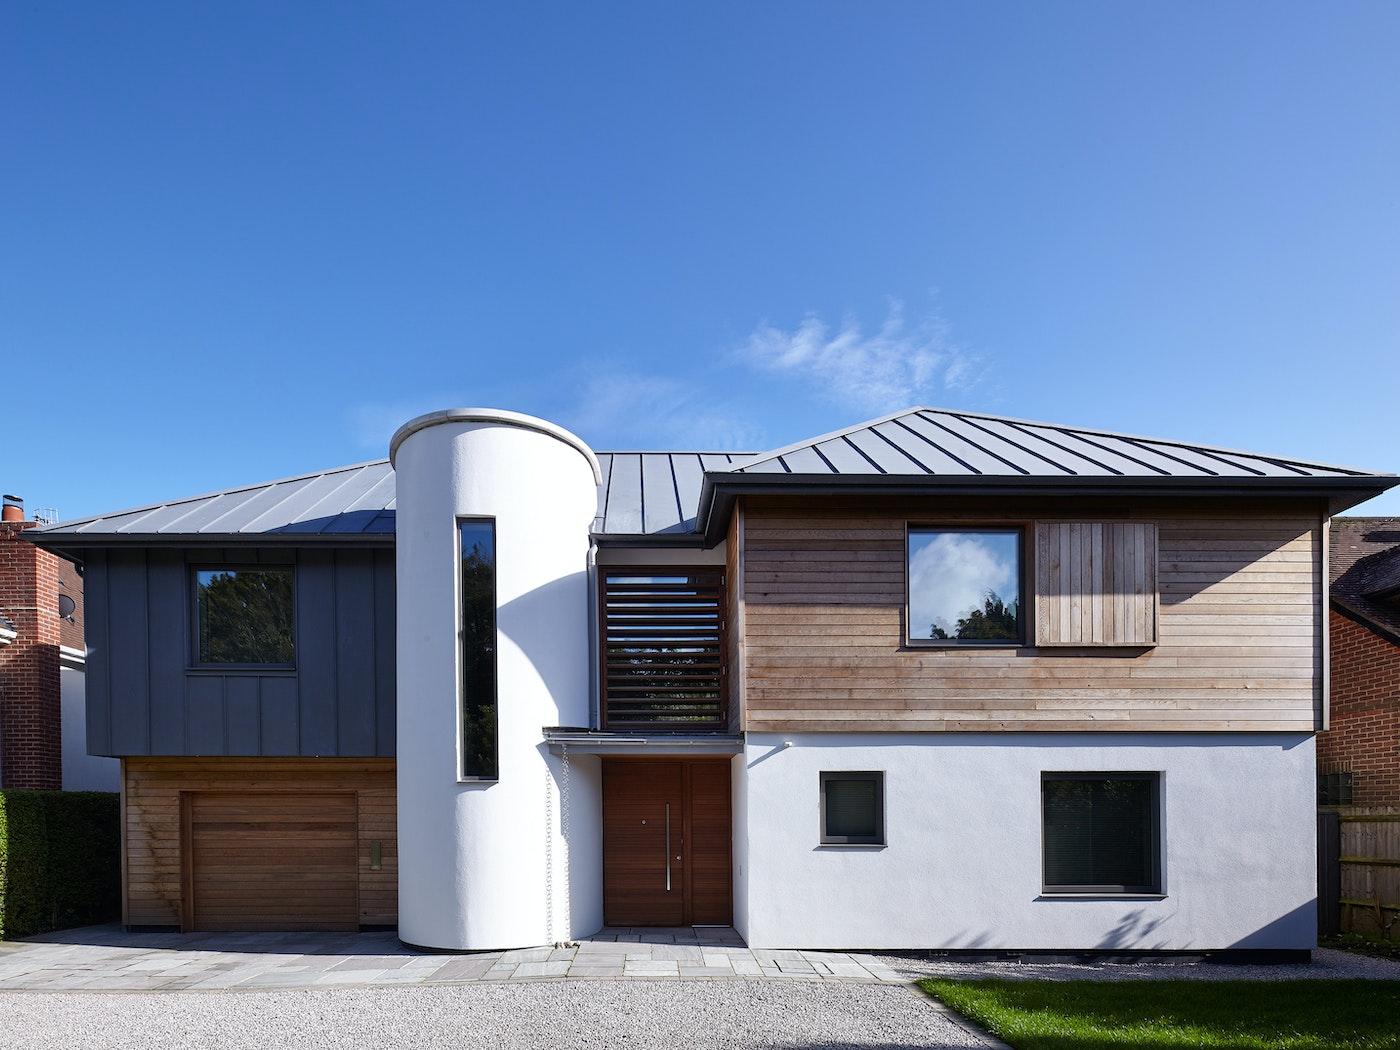 Interesting house design with an iroko wood front door